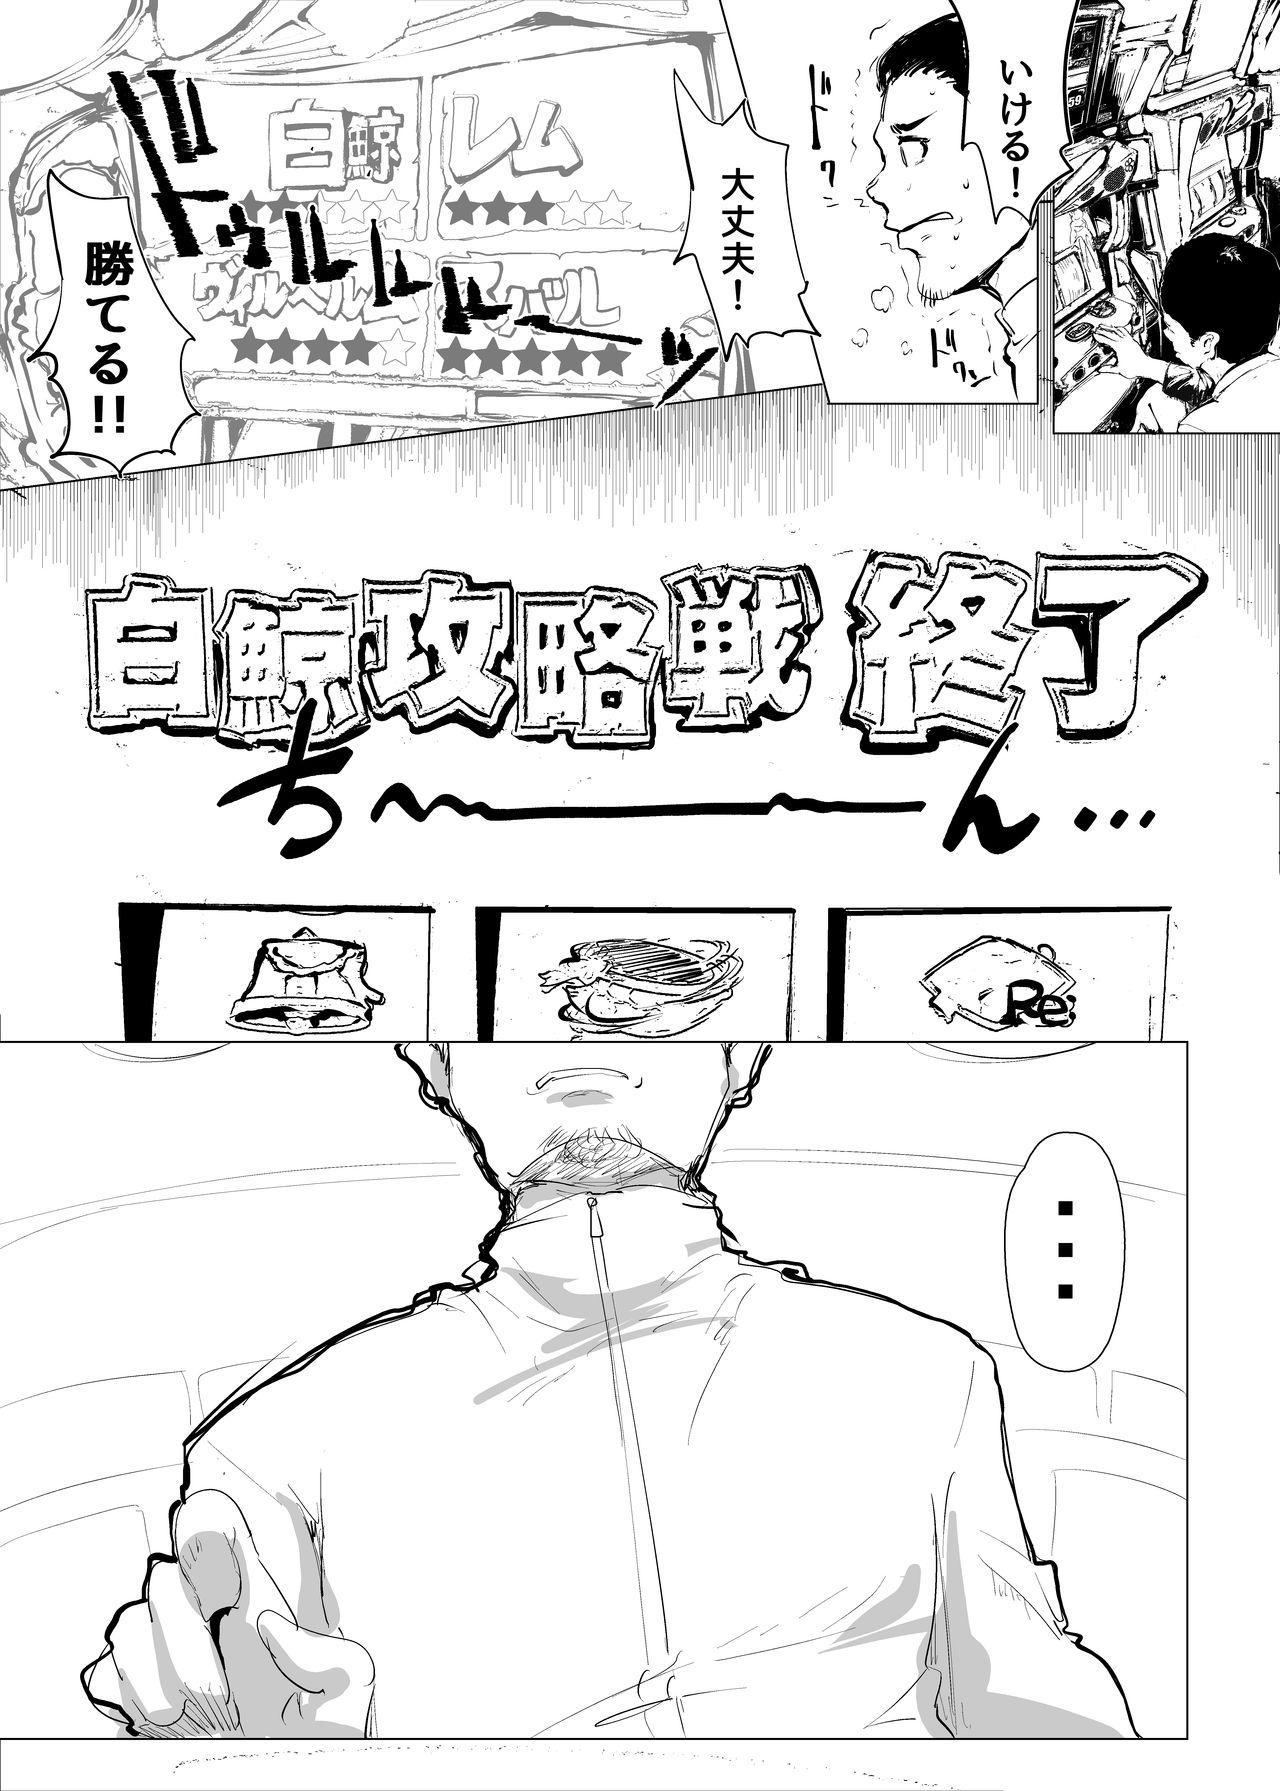 Re: Zero kara Hajimeru PachiSlot Seikatsu 1